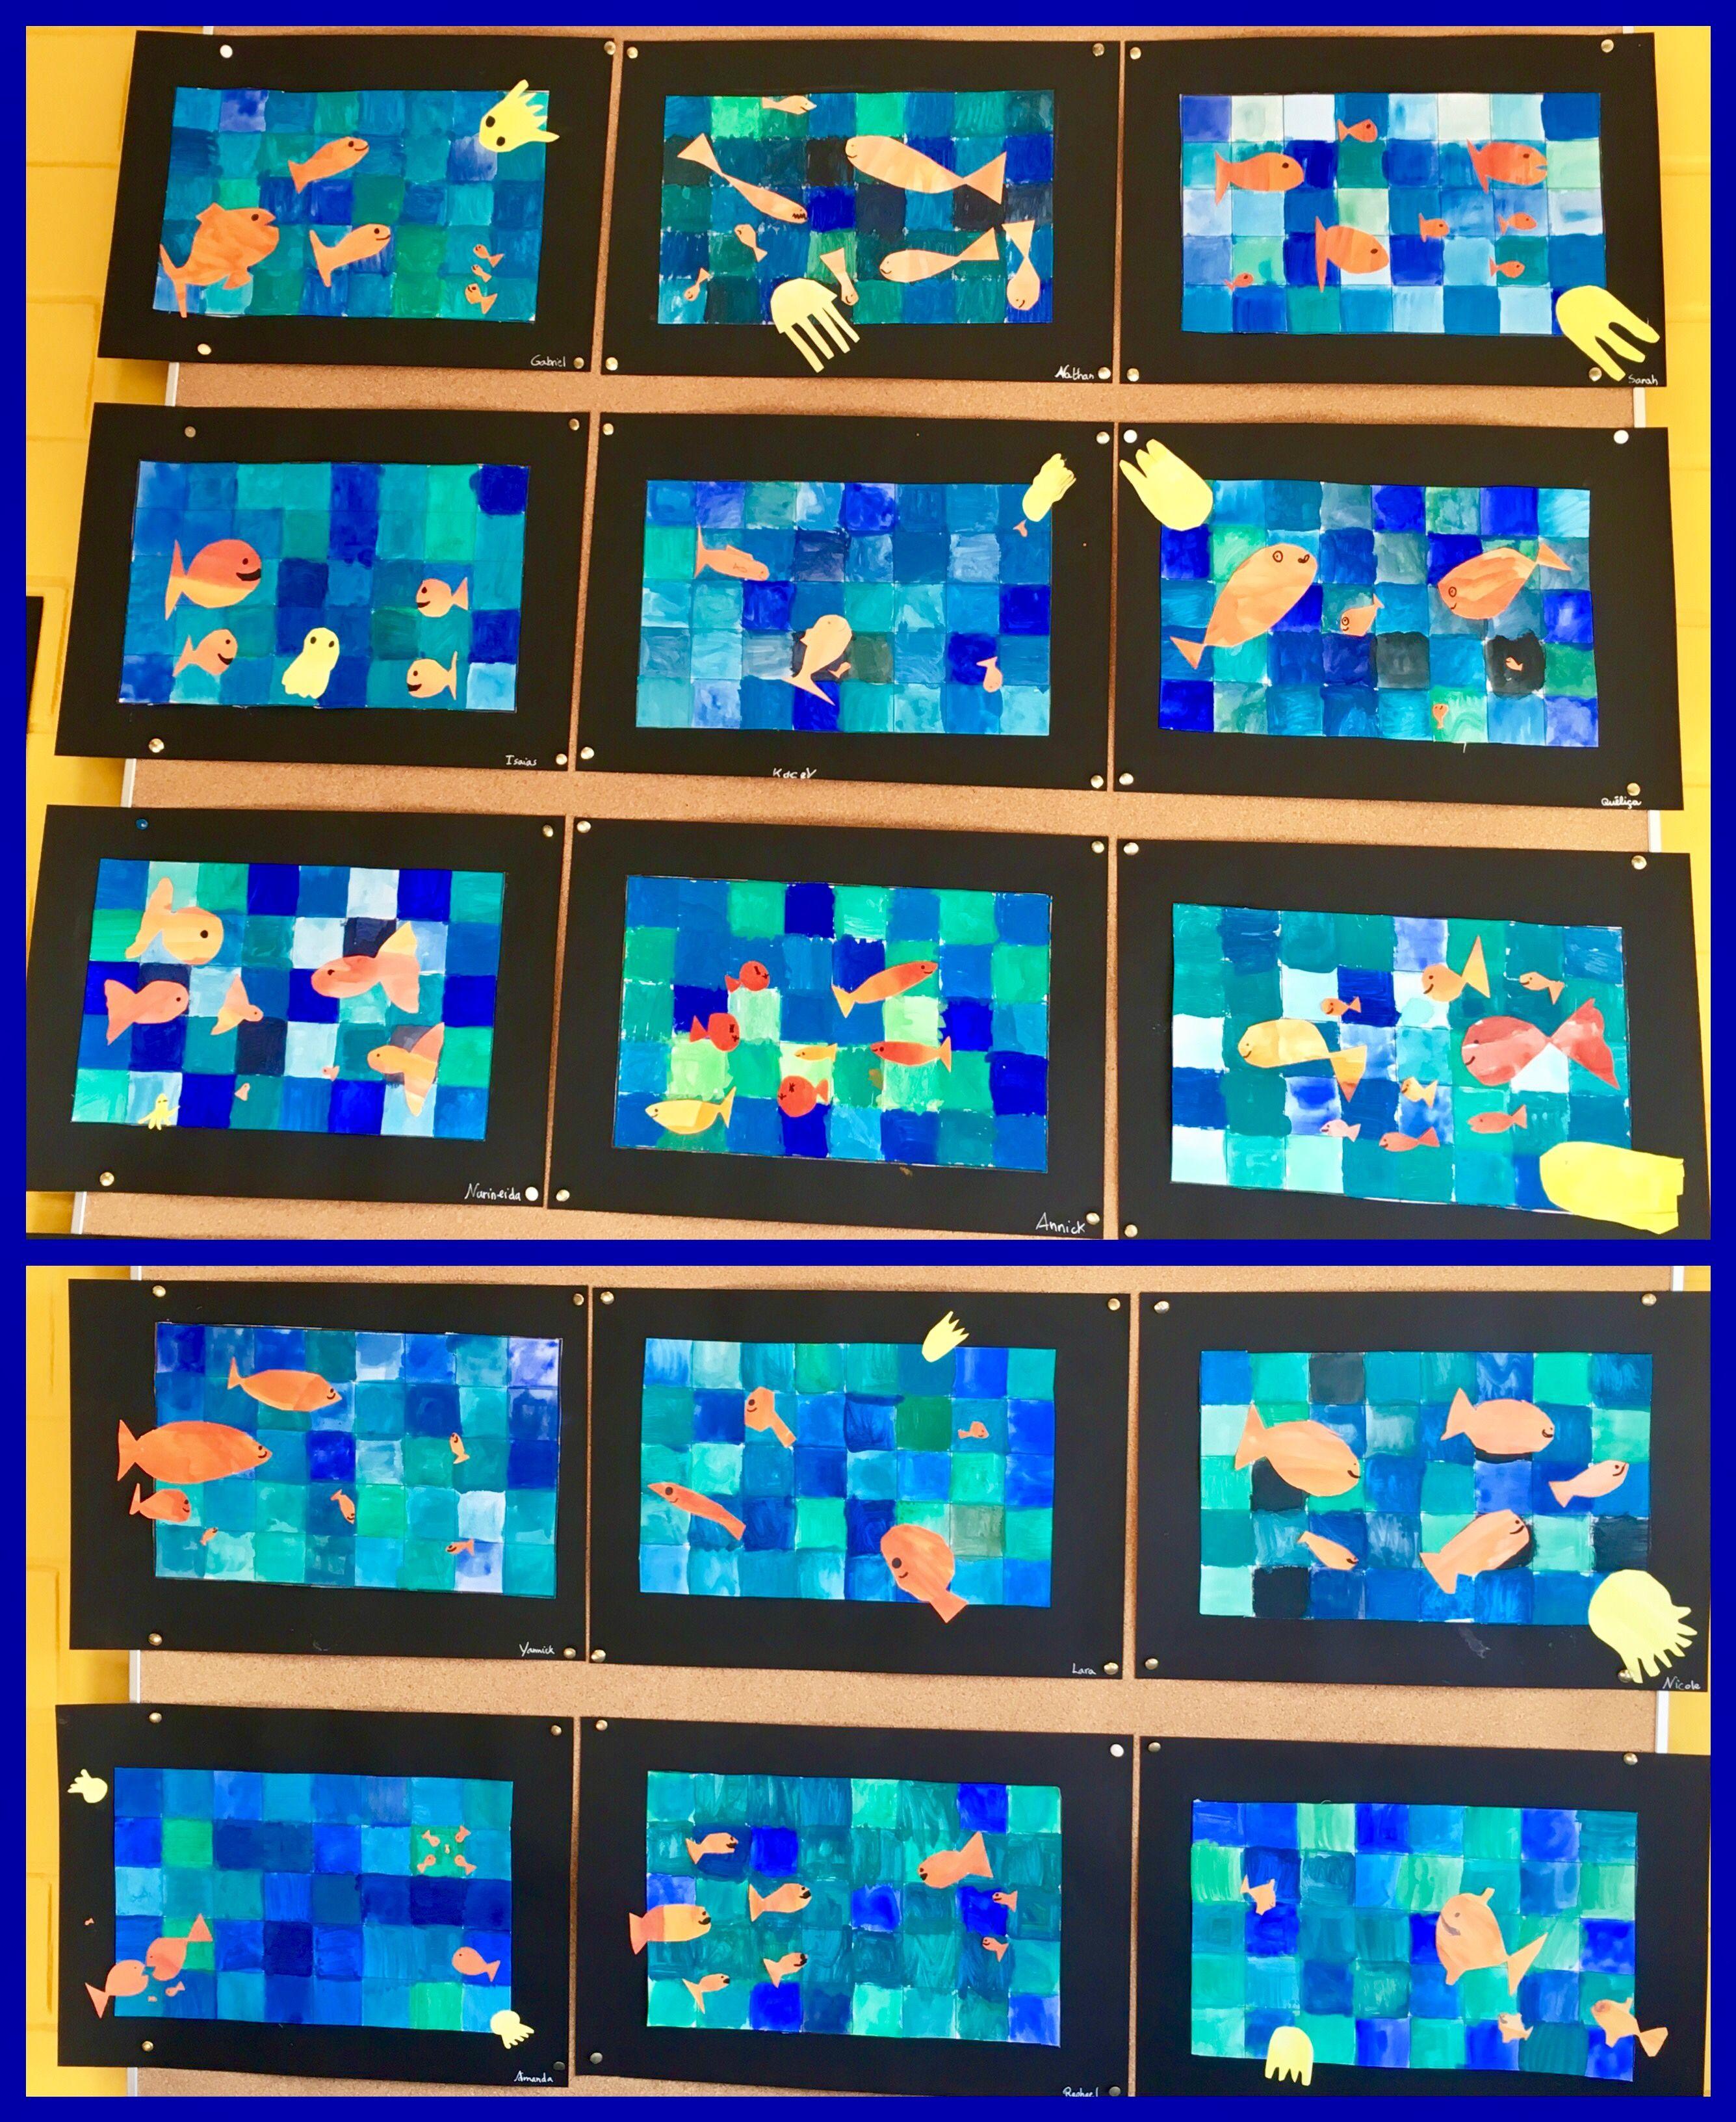 wasser hat viele farben kunstunterricht malen und basteln in der grundschule pinterest. Black Bedroom Furniture Sets. Home Design Ideas